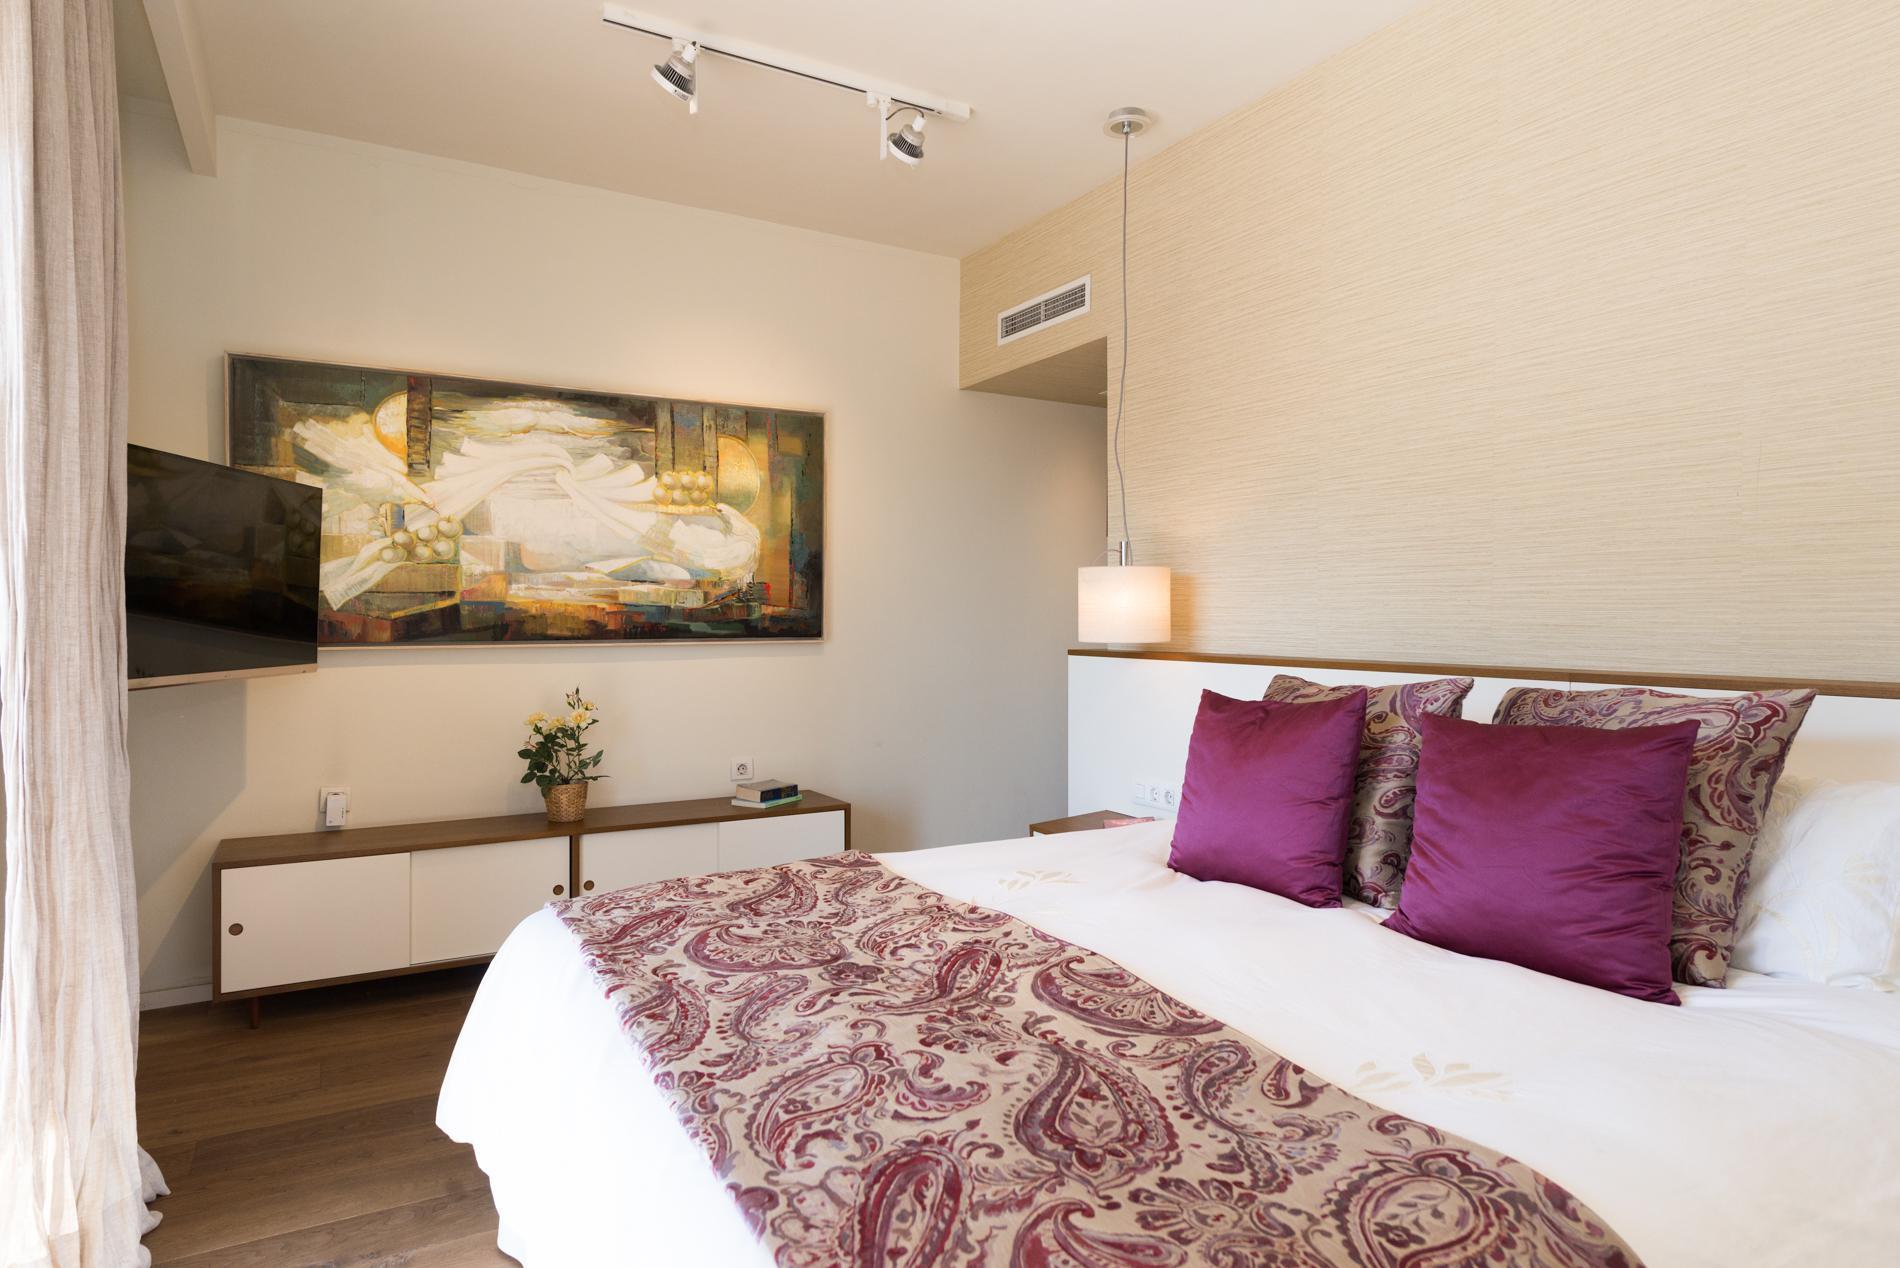 222426 Apartment for sale in Eixample, Dreta Eixample 18